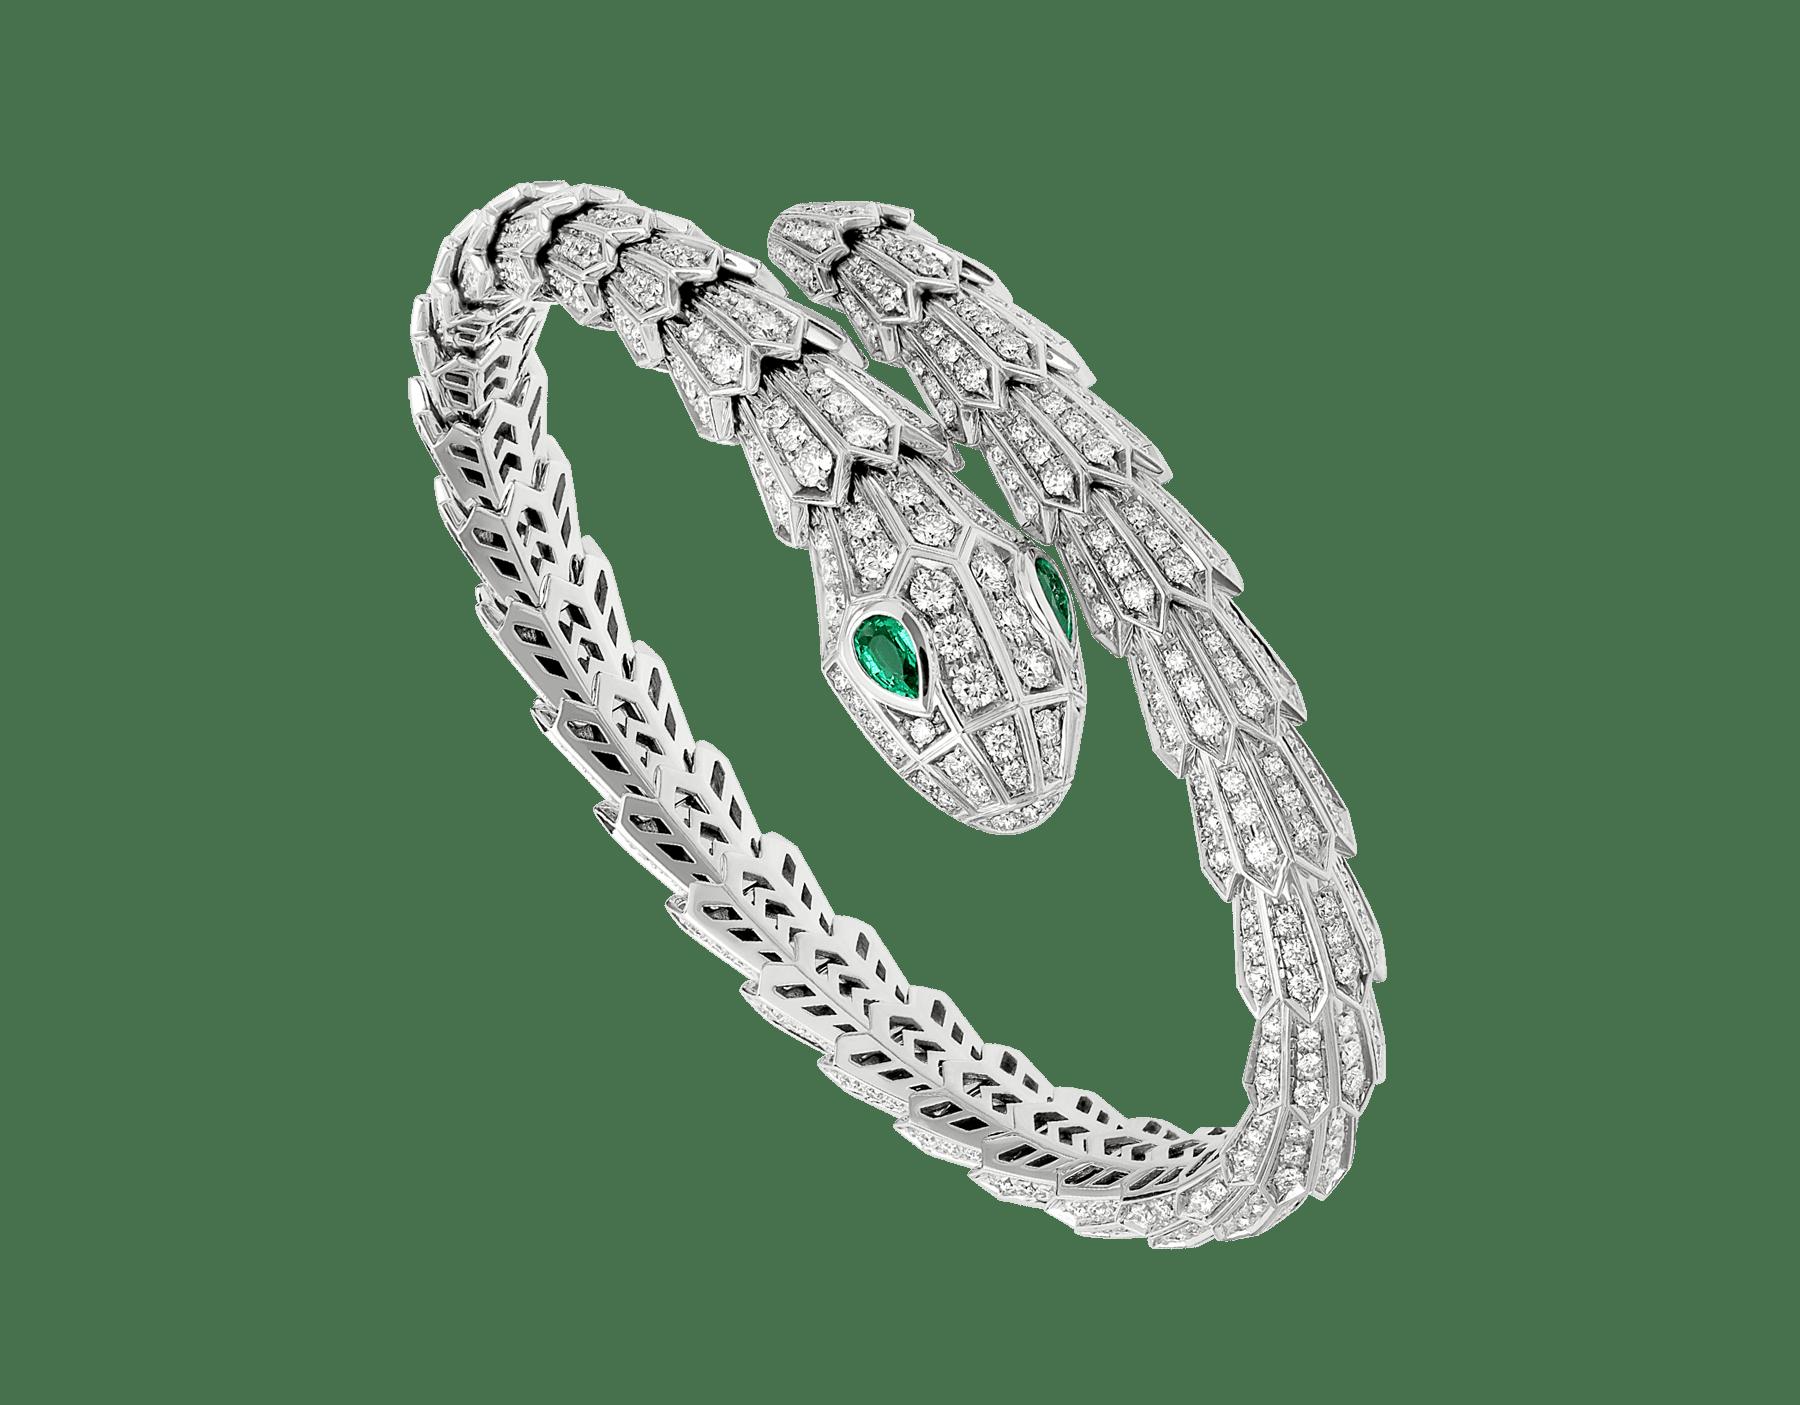 Serpenti Armband aus 18 Karat Weißgold mit Diamant-Pavé und zwei Augen aus Smaragden BR858734 image 2